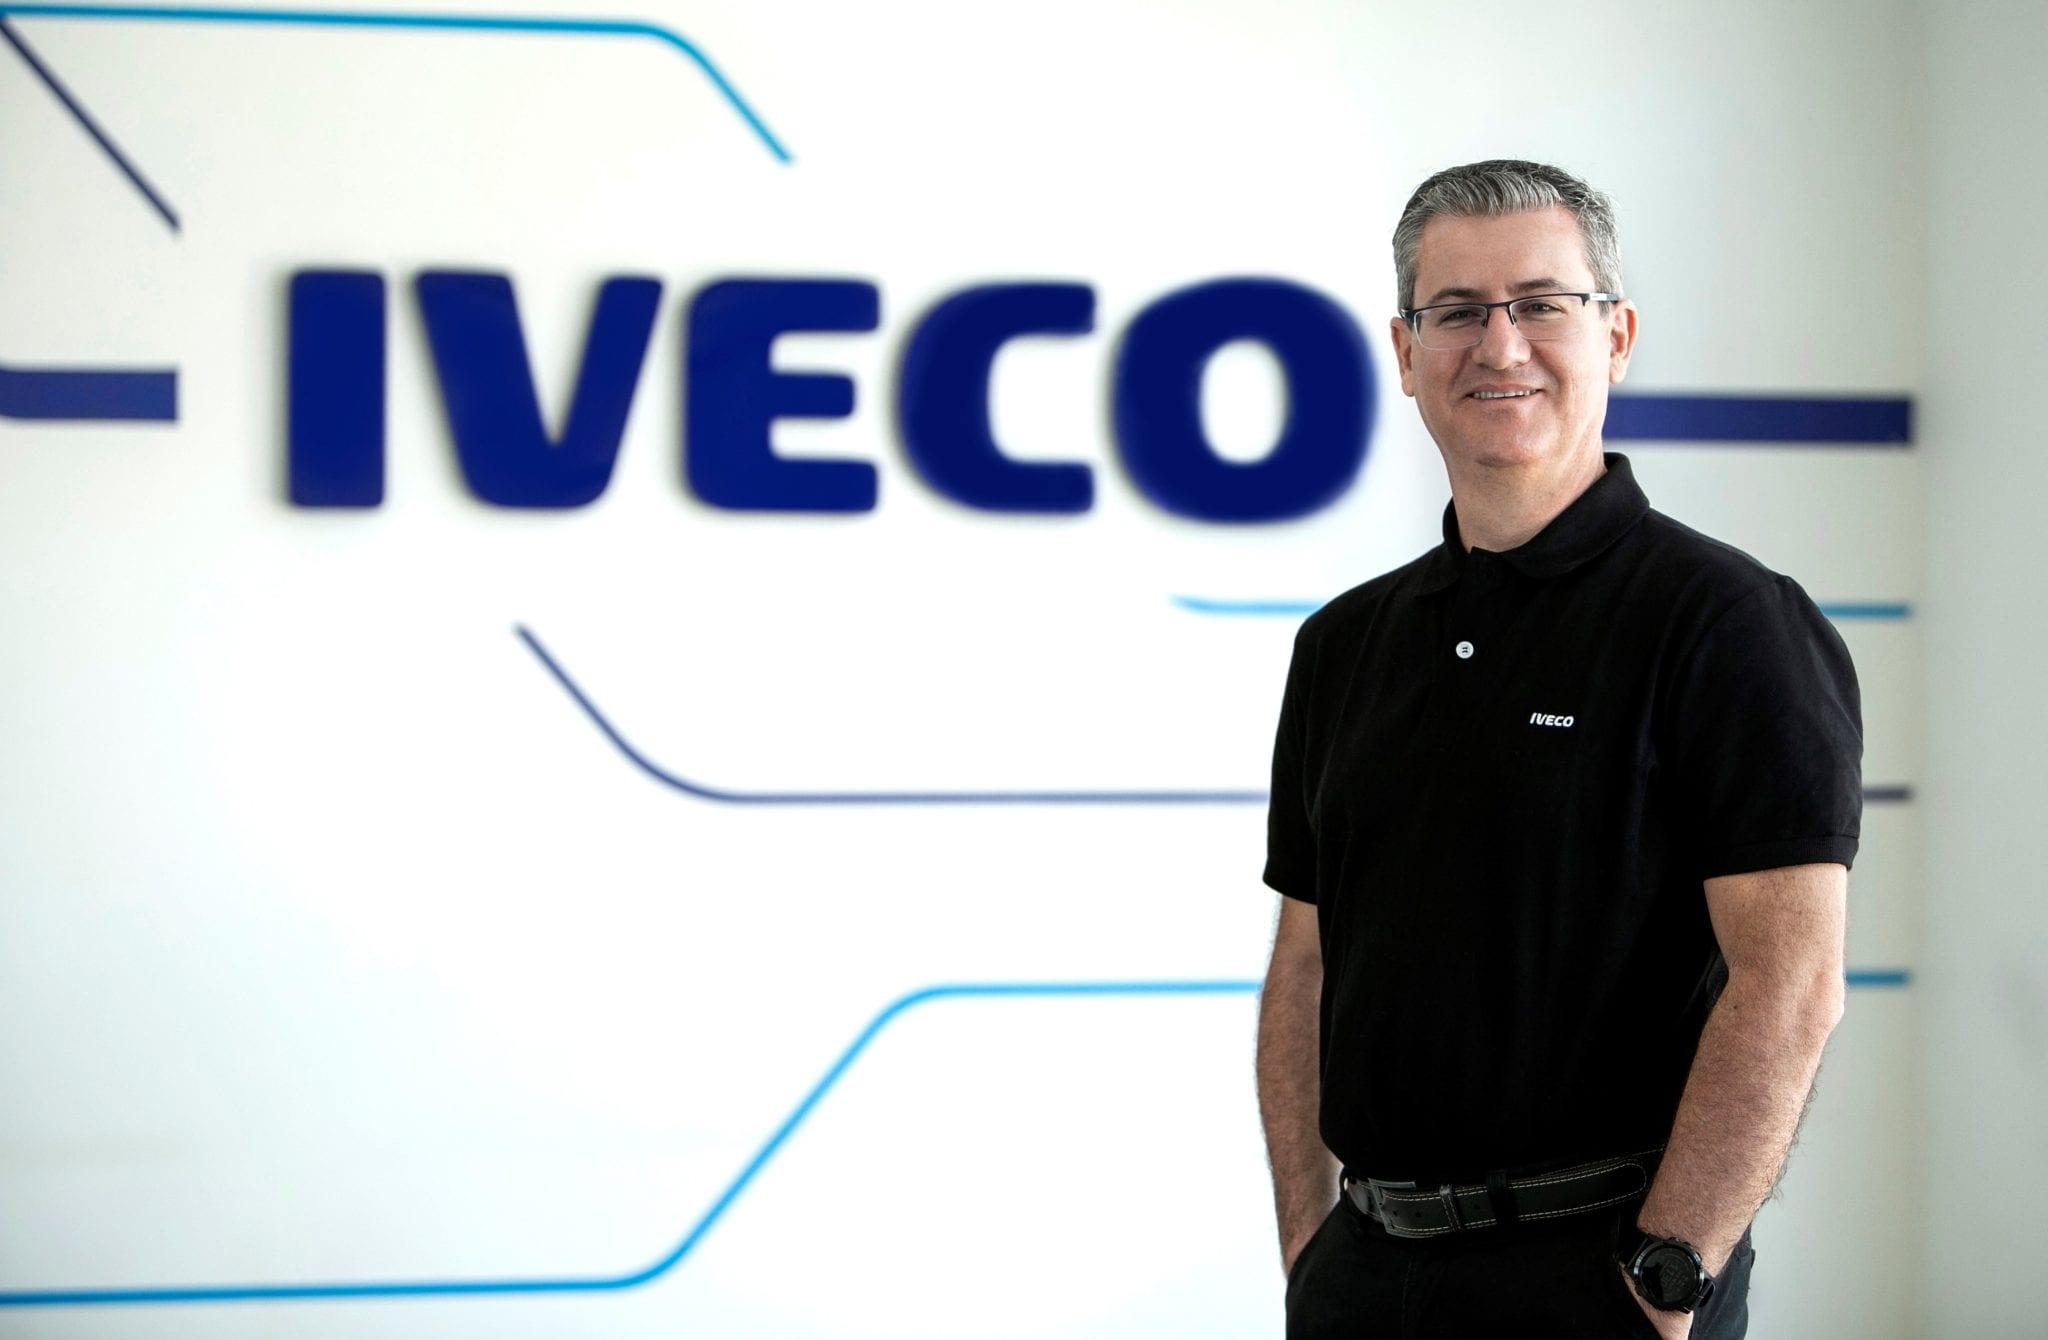 IVECO inicia 2021 com mais contratações para expandir a capacidade operacional no Brasil Marcio Querichelli IVECO credito Bruno Gomzaga scaled